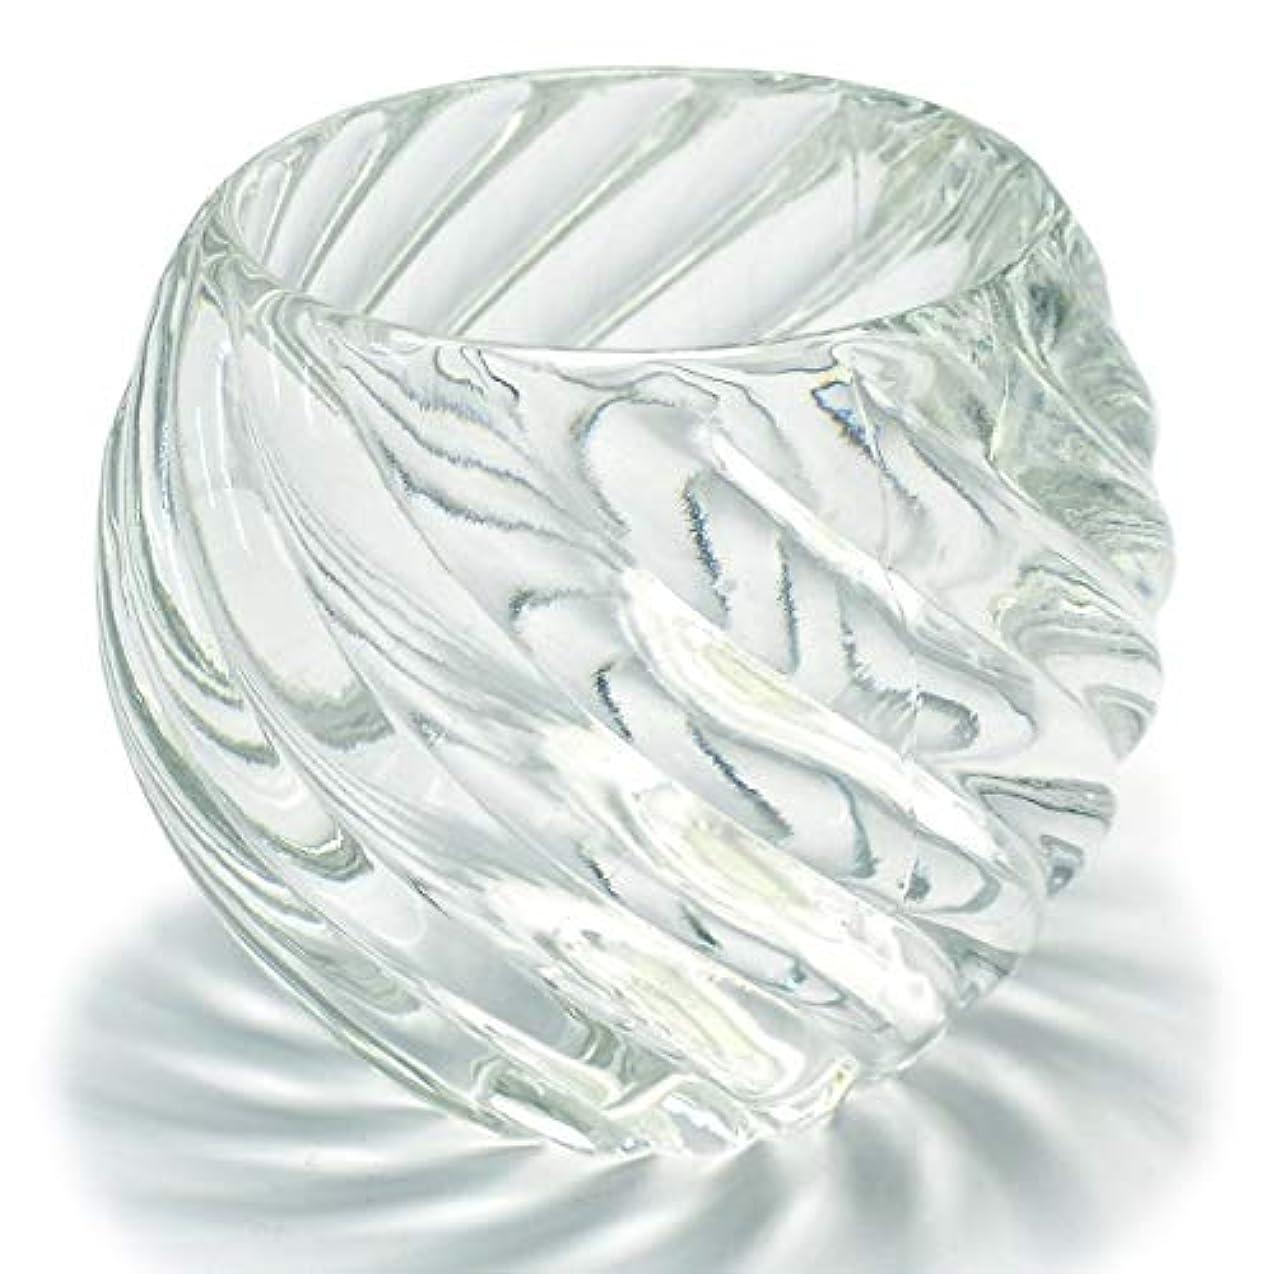 集団的中ゴシップキャンドルホルダー ガラス 3 キャンドルスタンド クリスマス ティーキャンドル 誕生日 記念日